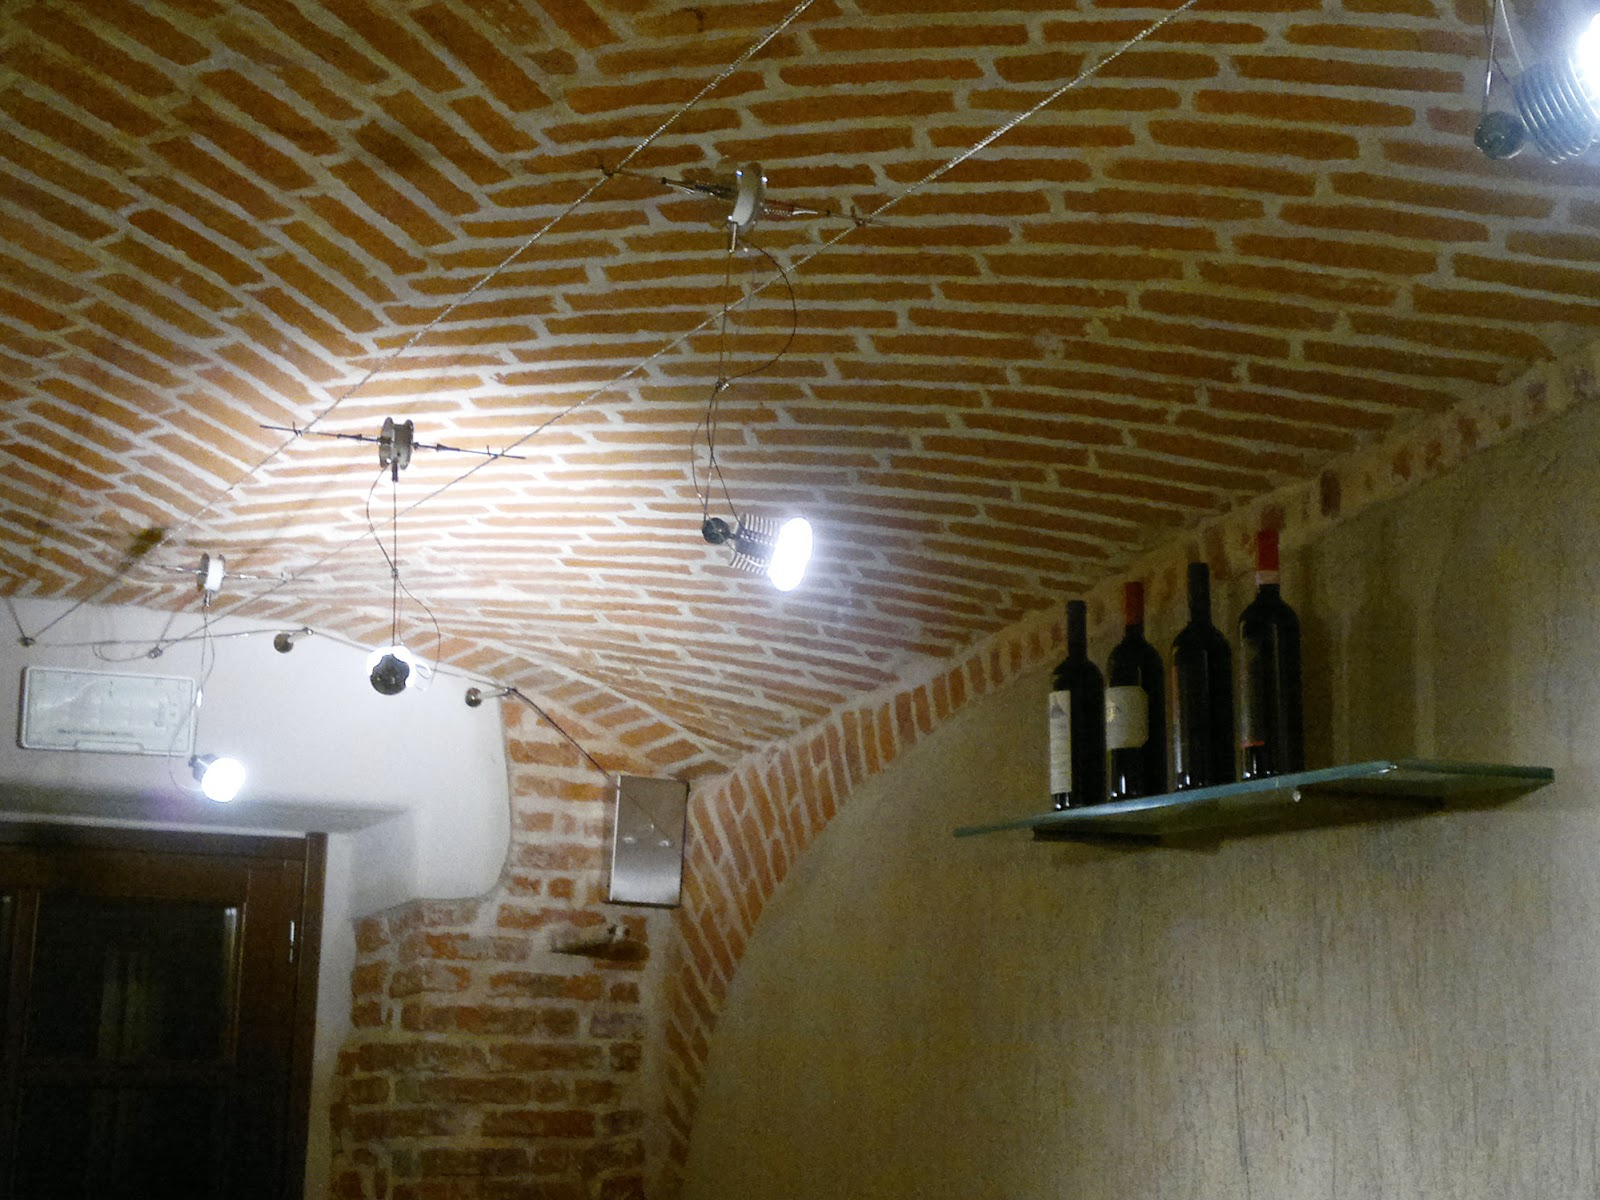 Progetto Illuminazione Ristorante : Illuminazione per ristoranti